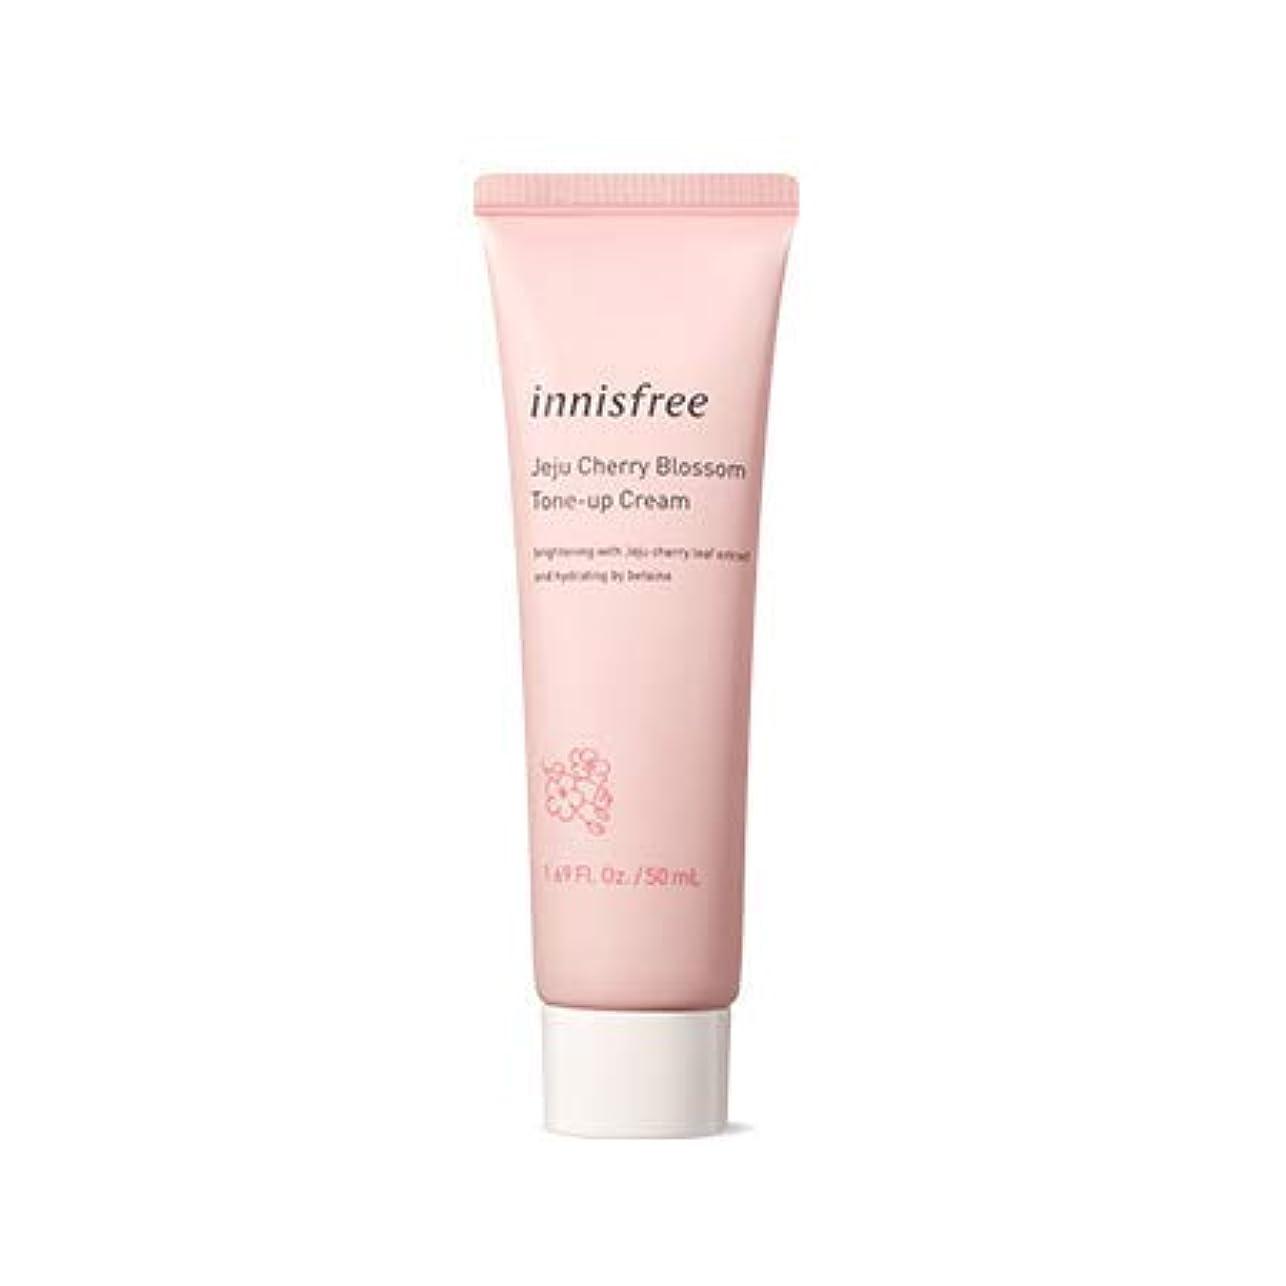 貫通不正確複製するイニスフリー 済州 チェリー ブラッサム トーンアップ クリーム 【チューブ】 50ml / Innisfree Jeju Cherry Blossom Tone Up Cream [Tube] 50ml [並行輸入品]